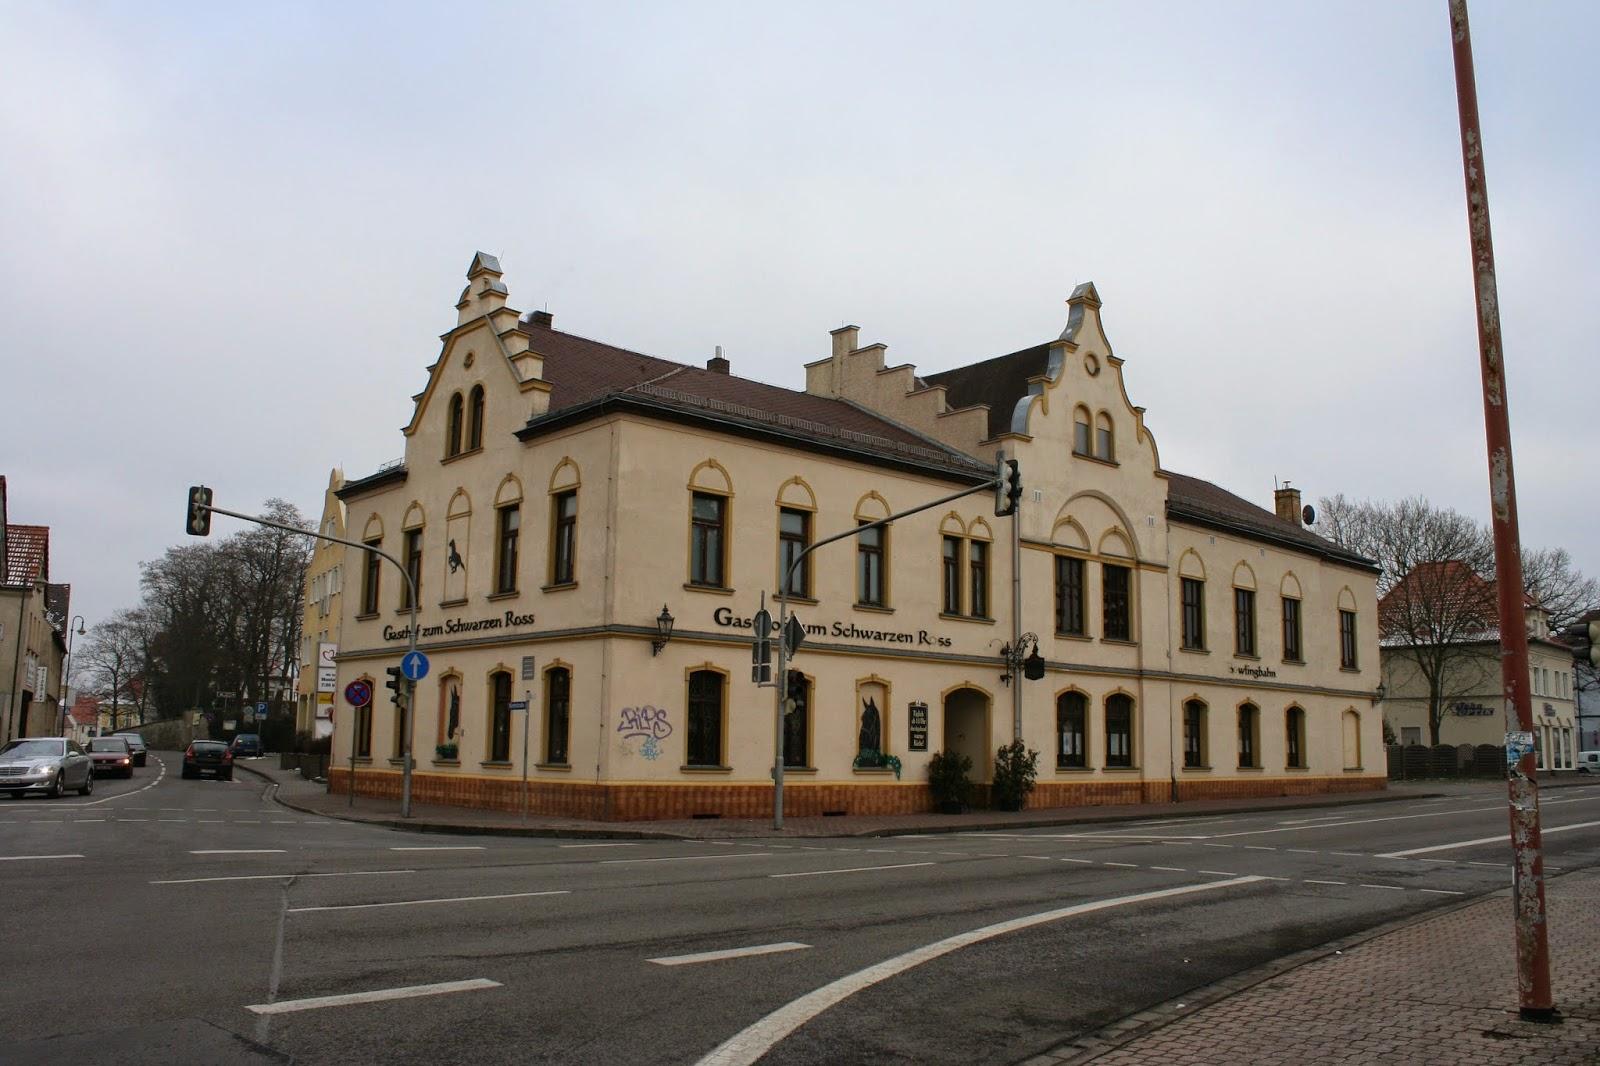 """Der im Stadtteil Liebertwolkwitz gelegene Gasthof """"Zum Schwarzen Ross"""" wurde um 1835 erbaut und erwartet seine Gäste noch heute mit leckeren Speisen"""